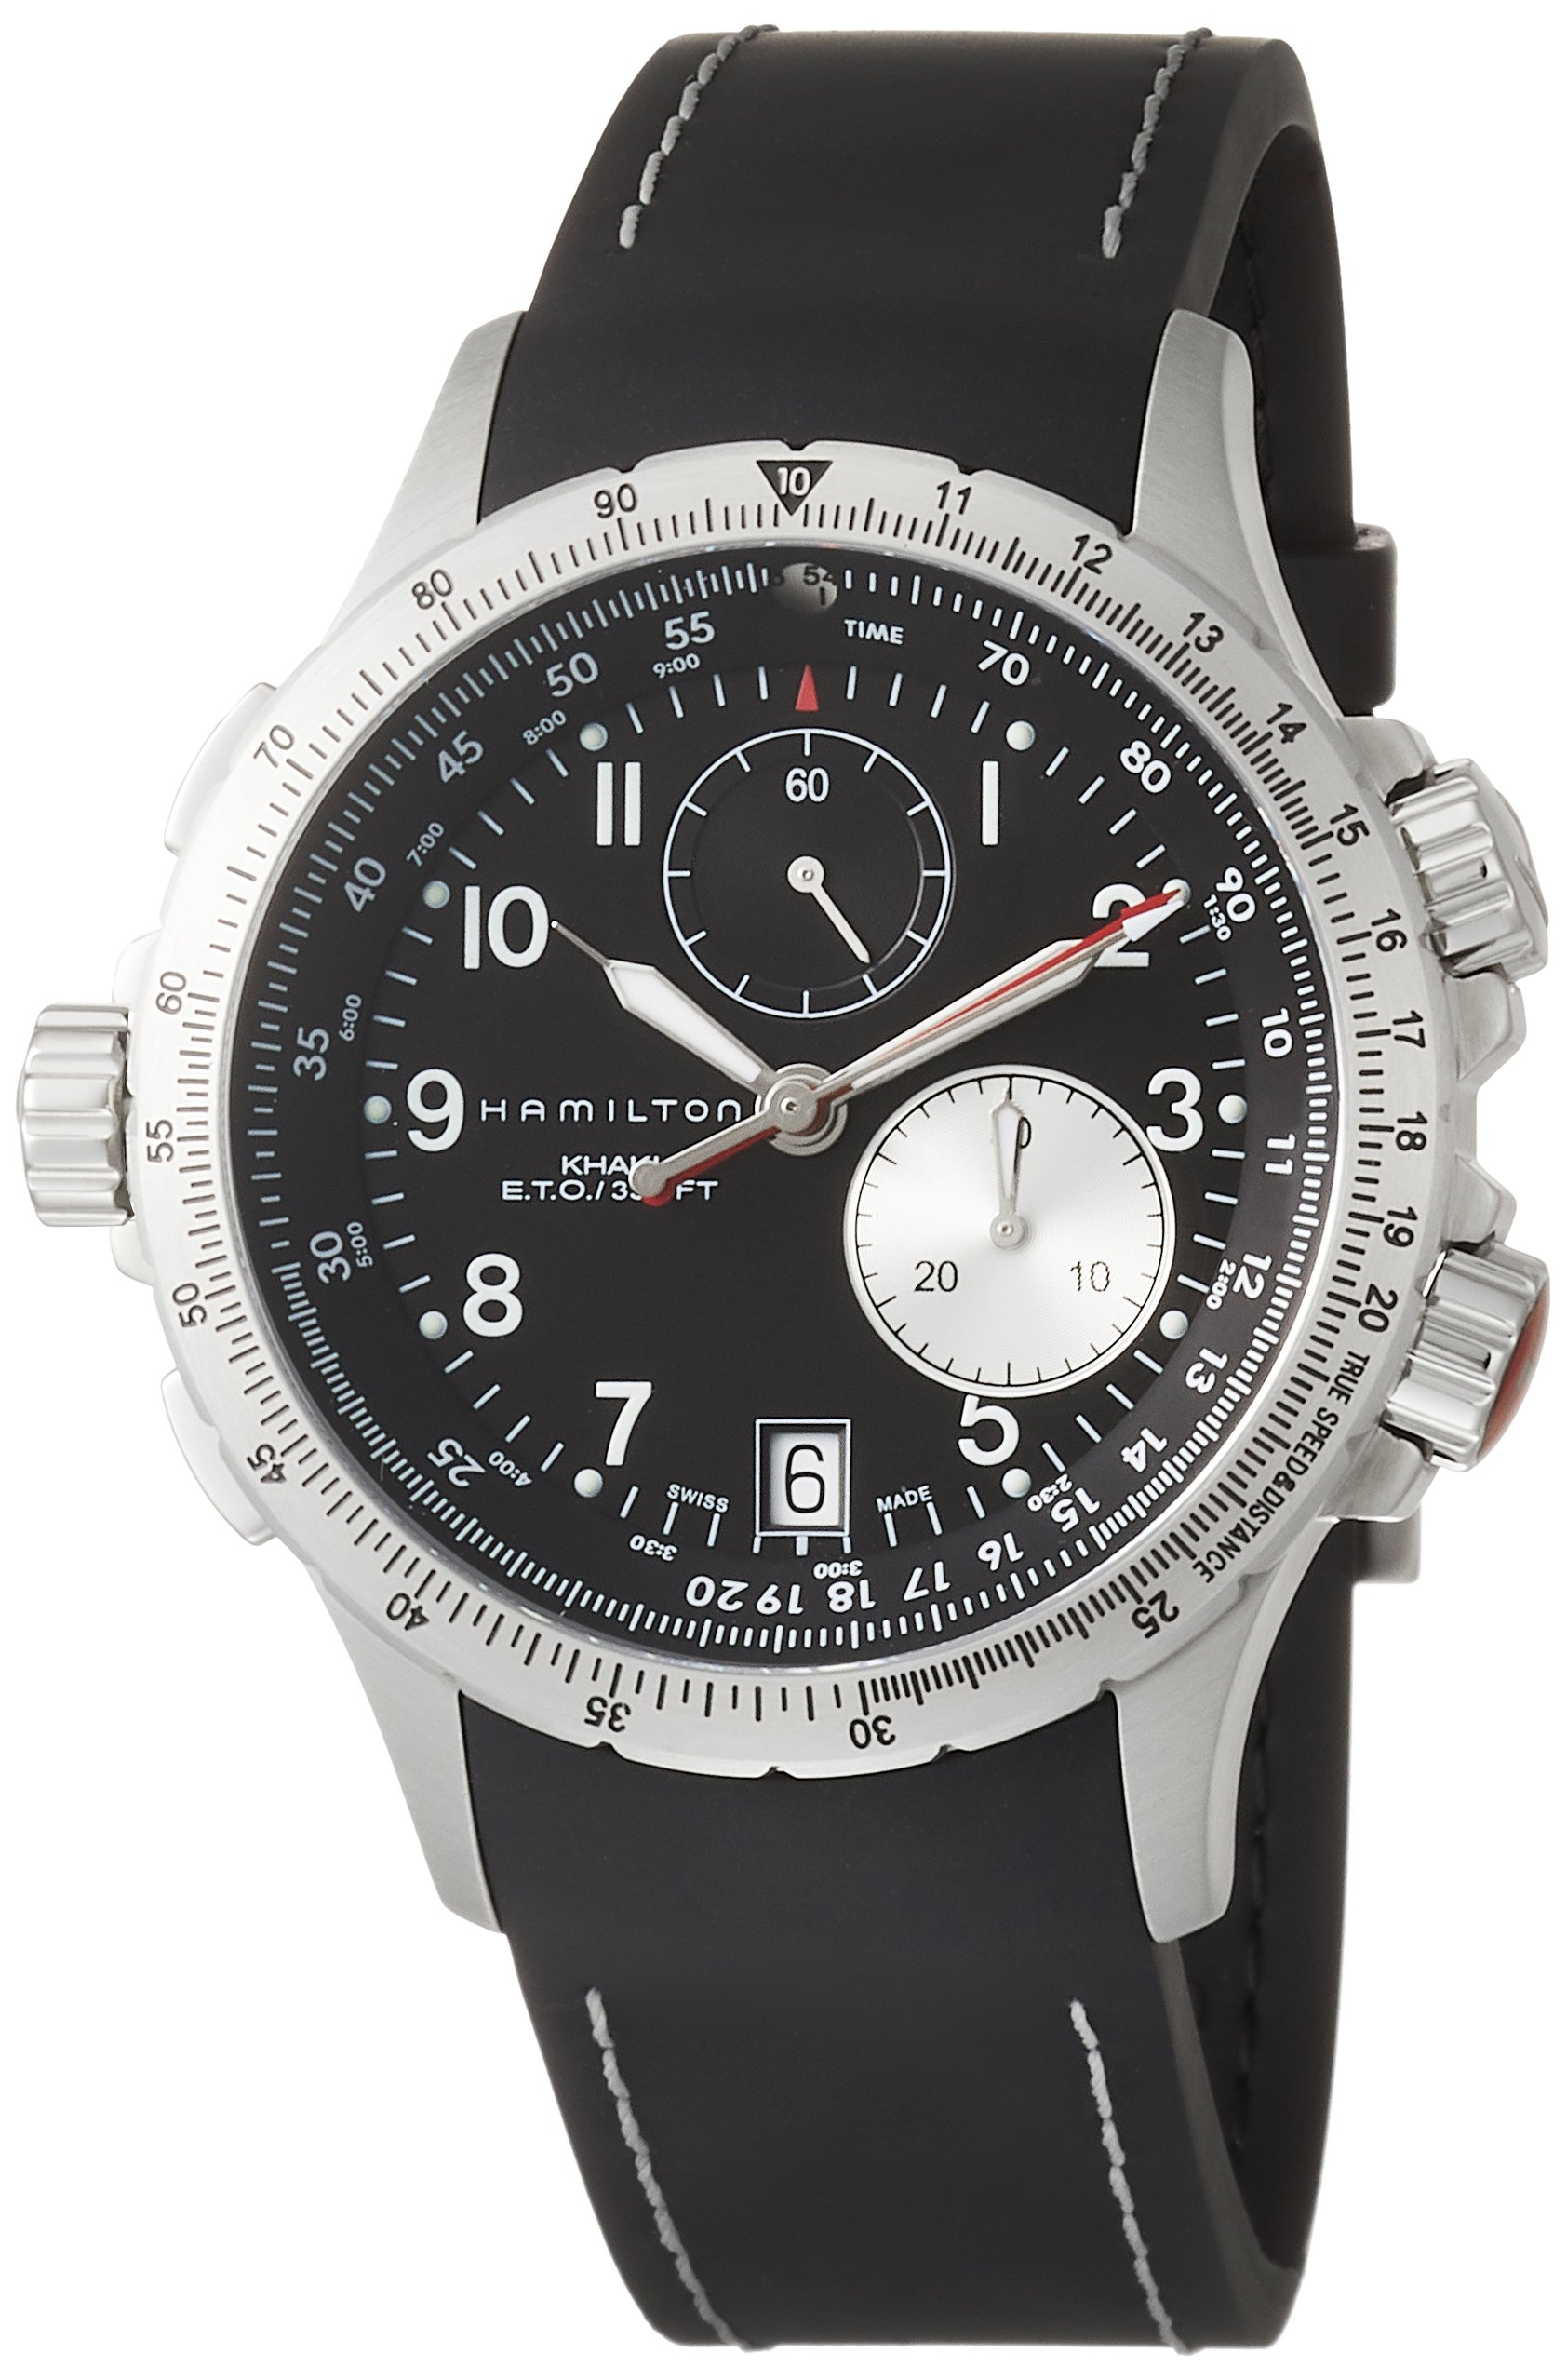 HAMILTON – Men's Watches – KHAKI ETO – Ref. H77 612 333